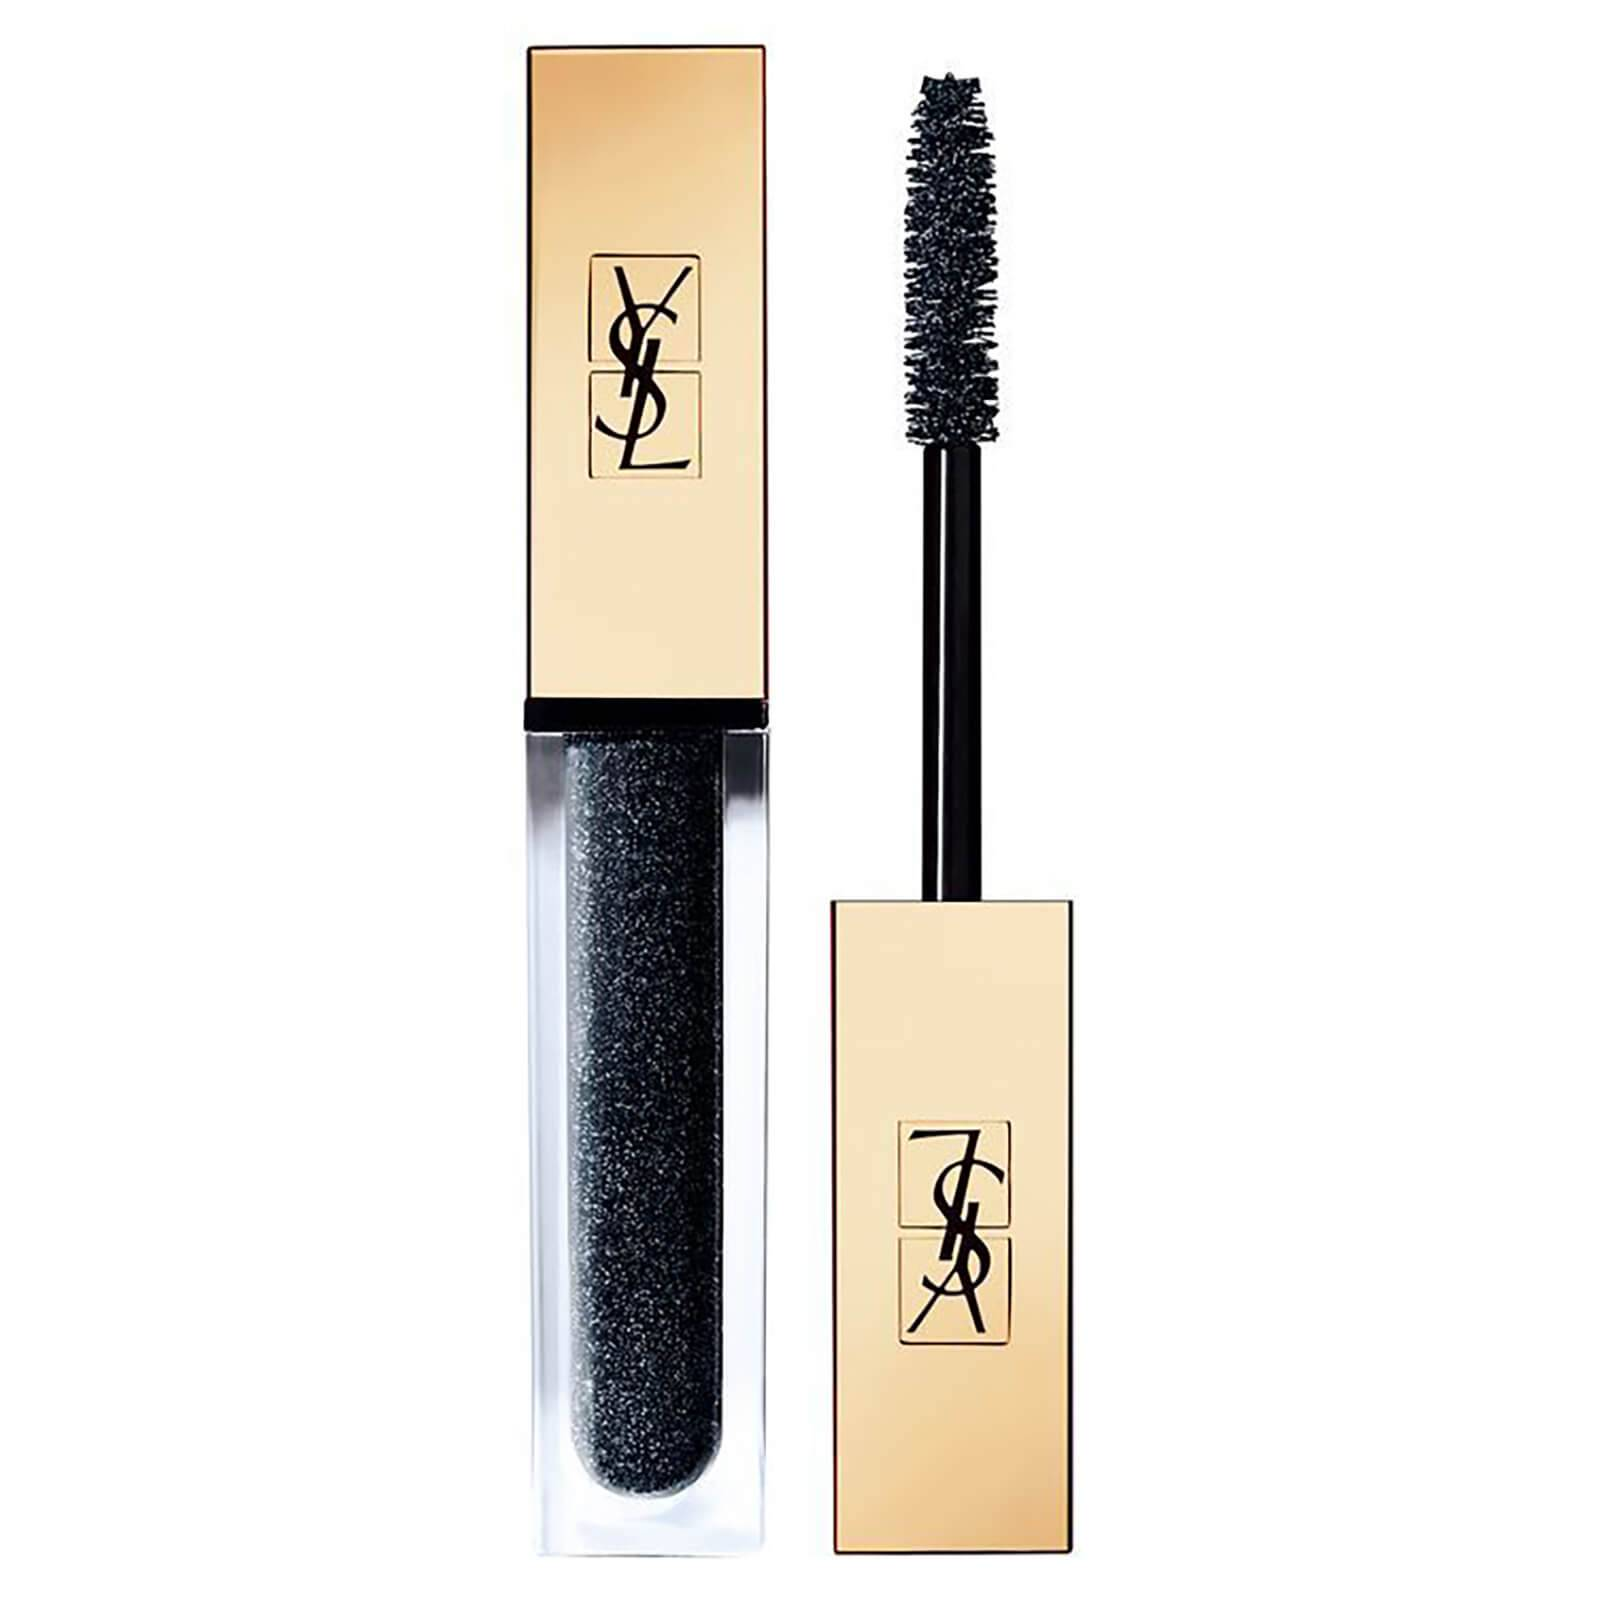 YSL Mascara Vinyl Couture Yves Saint Laurent (plusieurs teintes disponibles) - 7